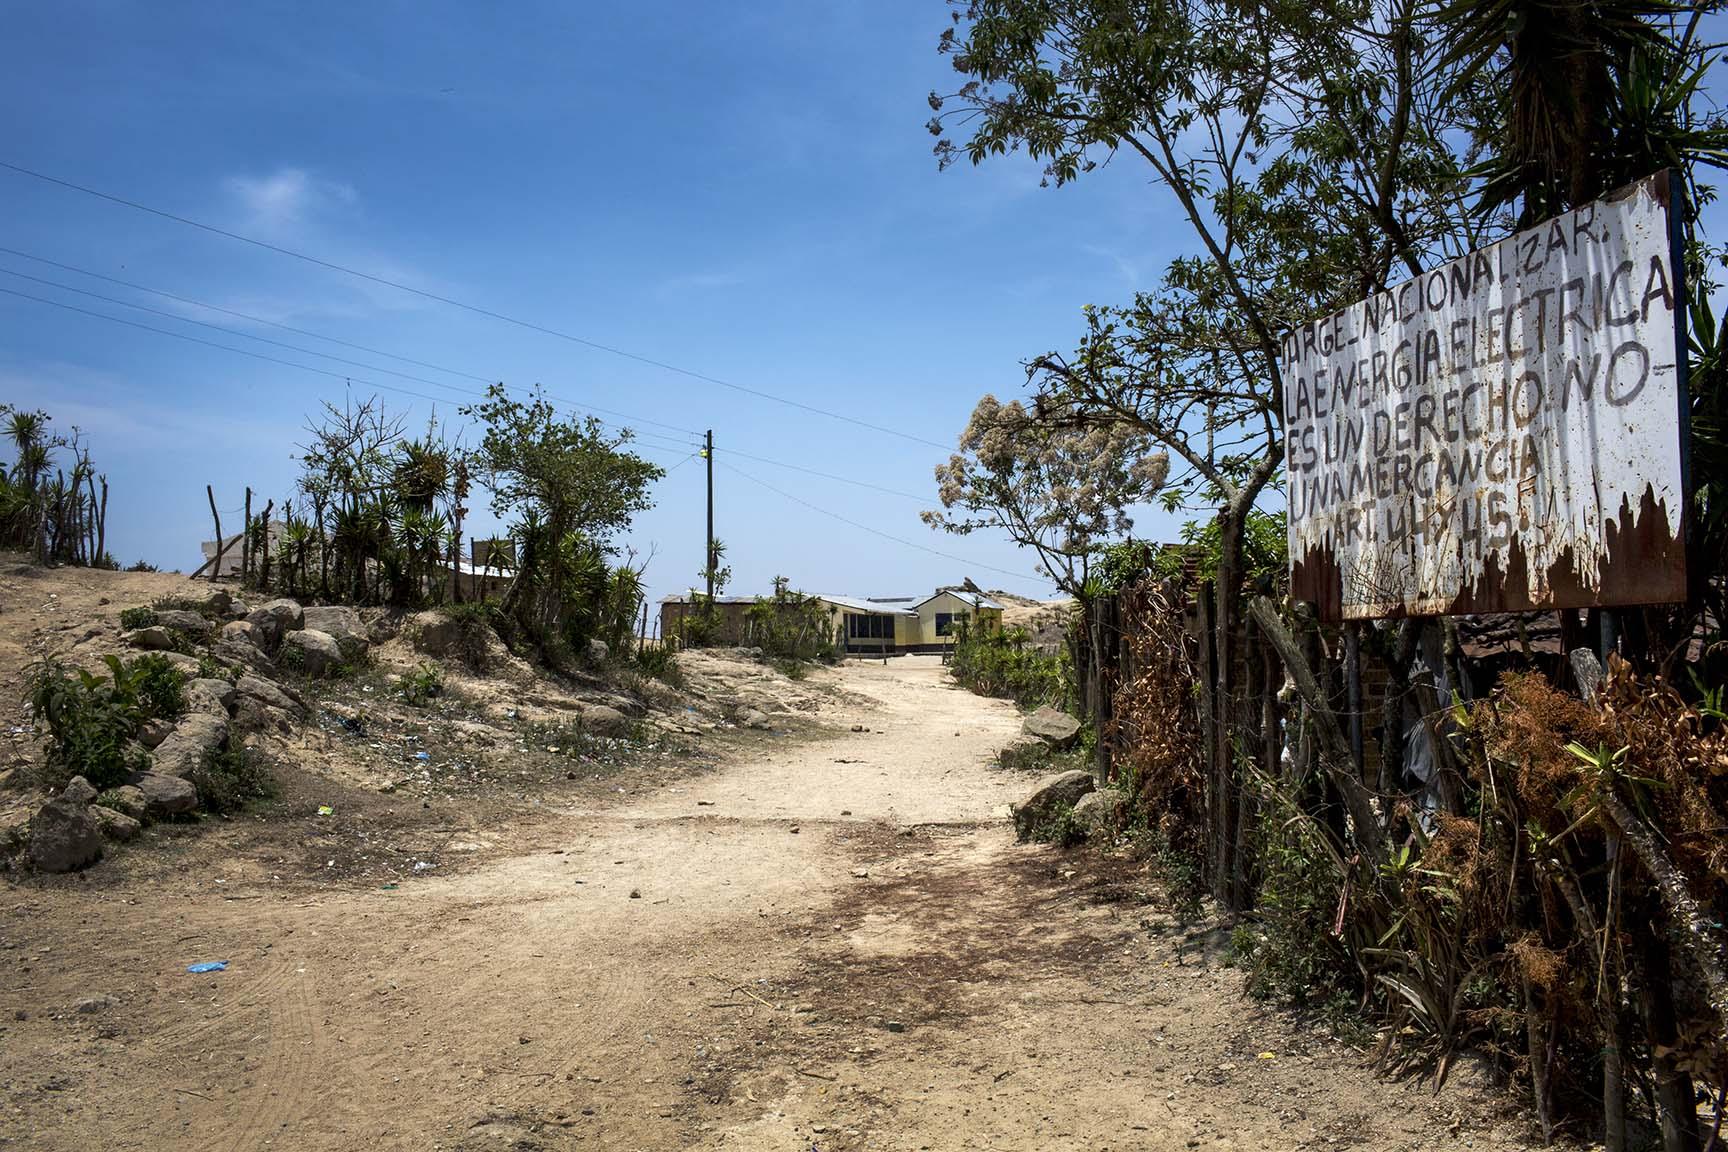 Otro mensaje directo sobre la postura política de la aldea Las Crucitas.